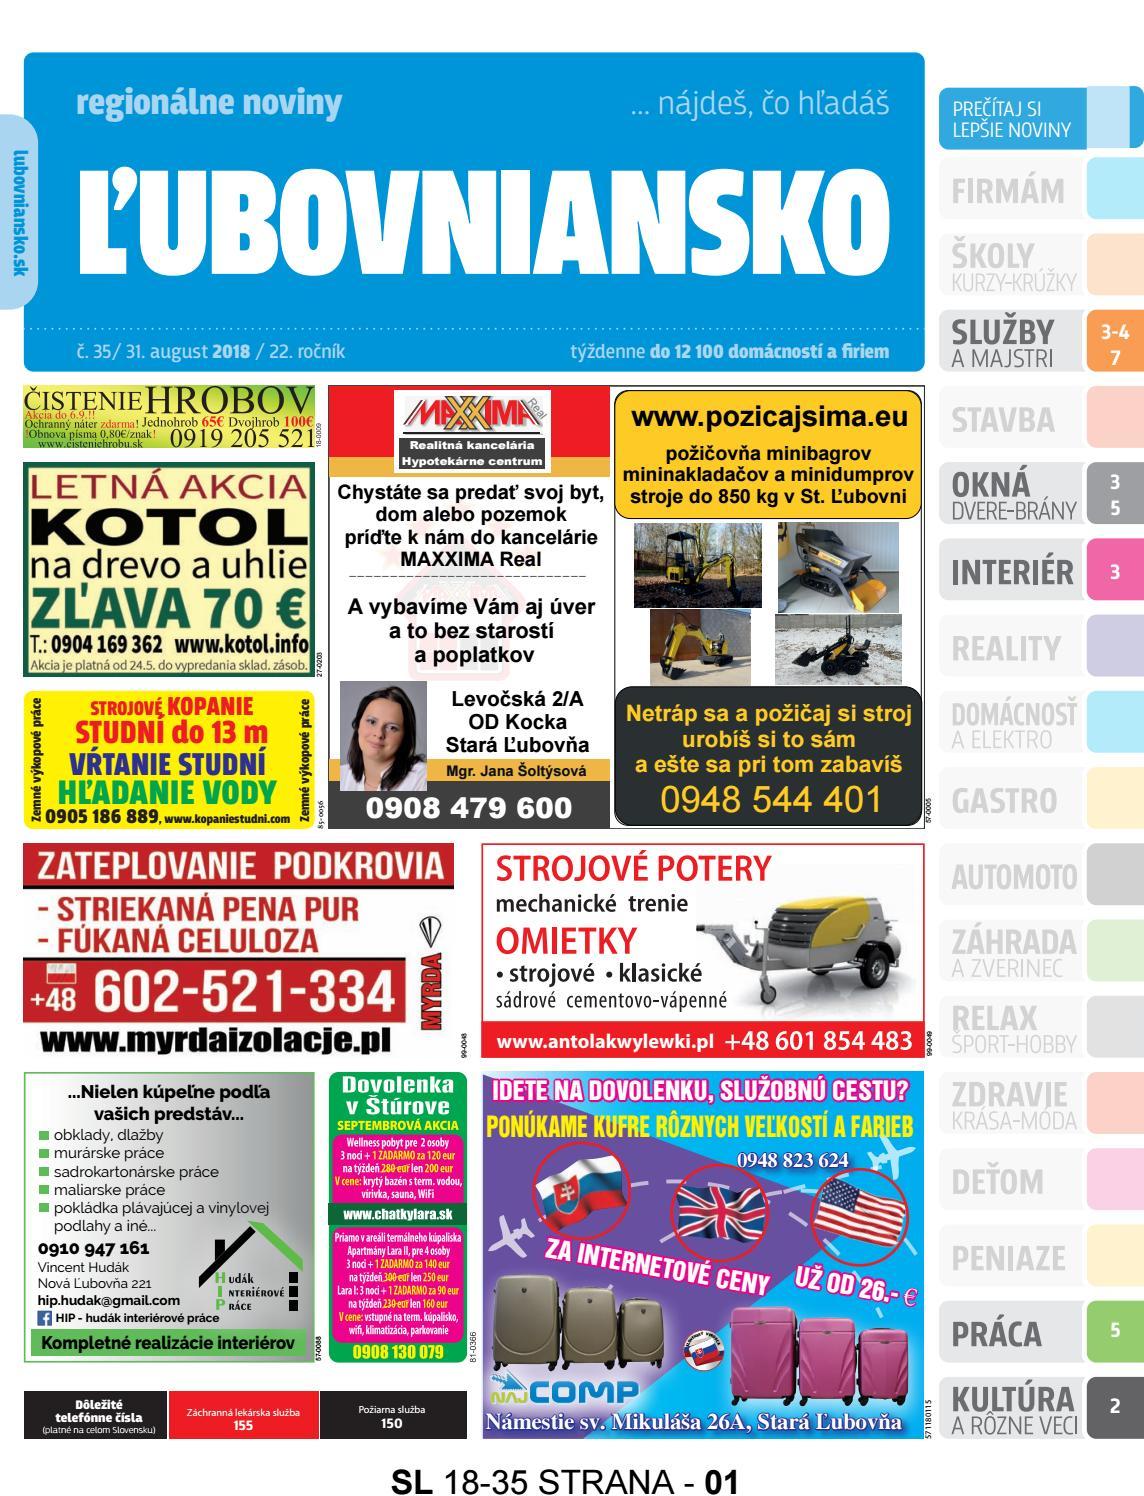 datovania v Bukurešti